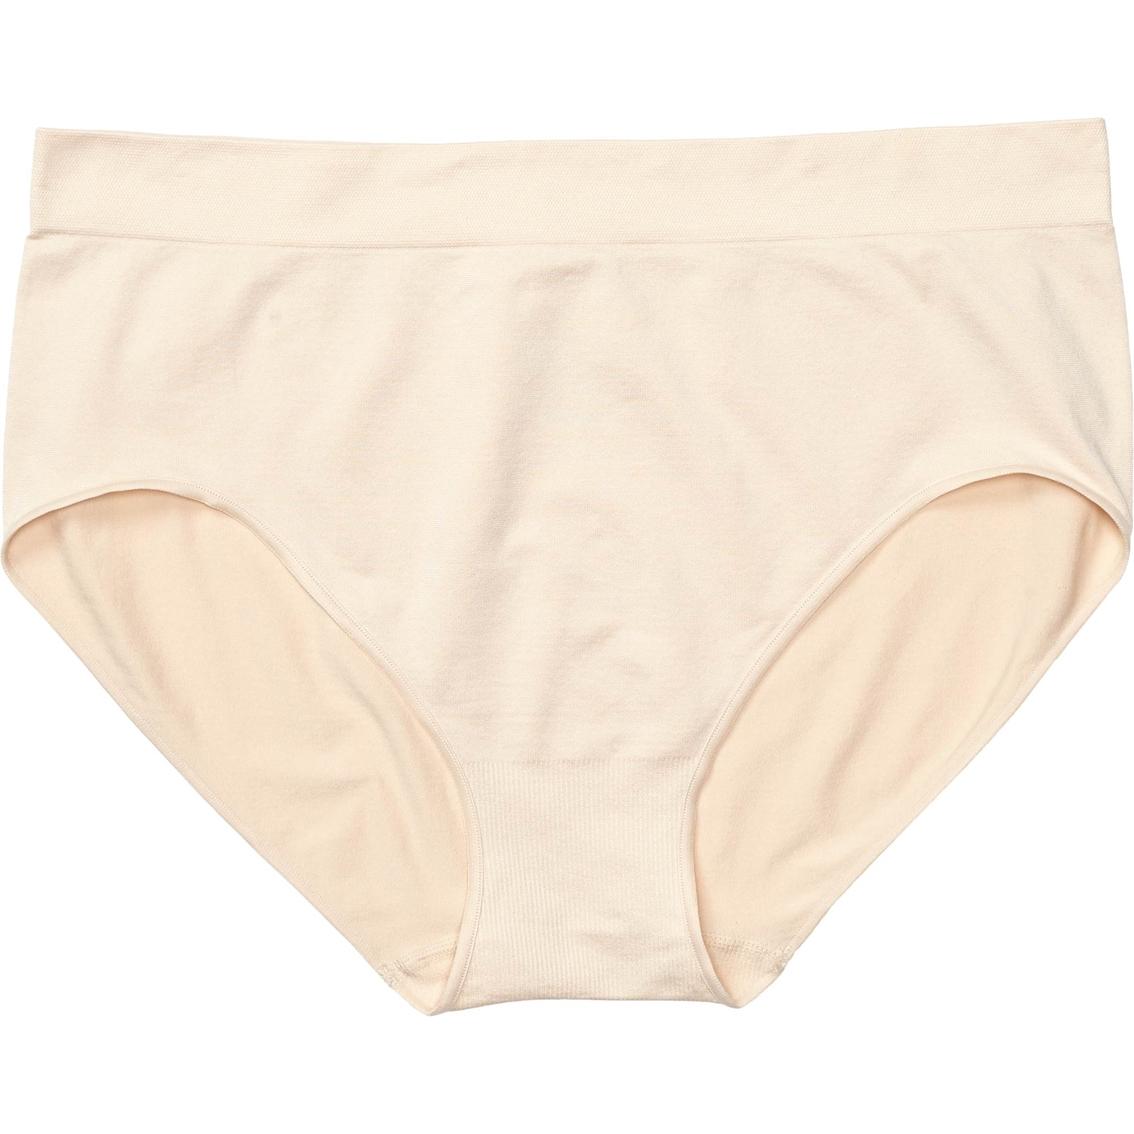 3742a660b697 Christies Plus Size Seamless Hi Cut Panties | Panties | Apparel ...